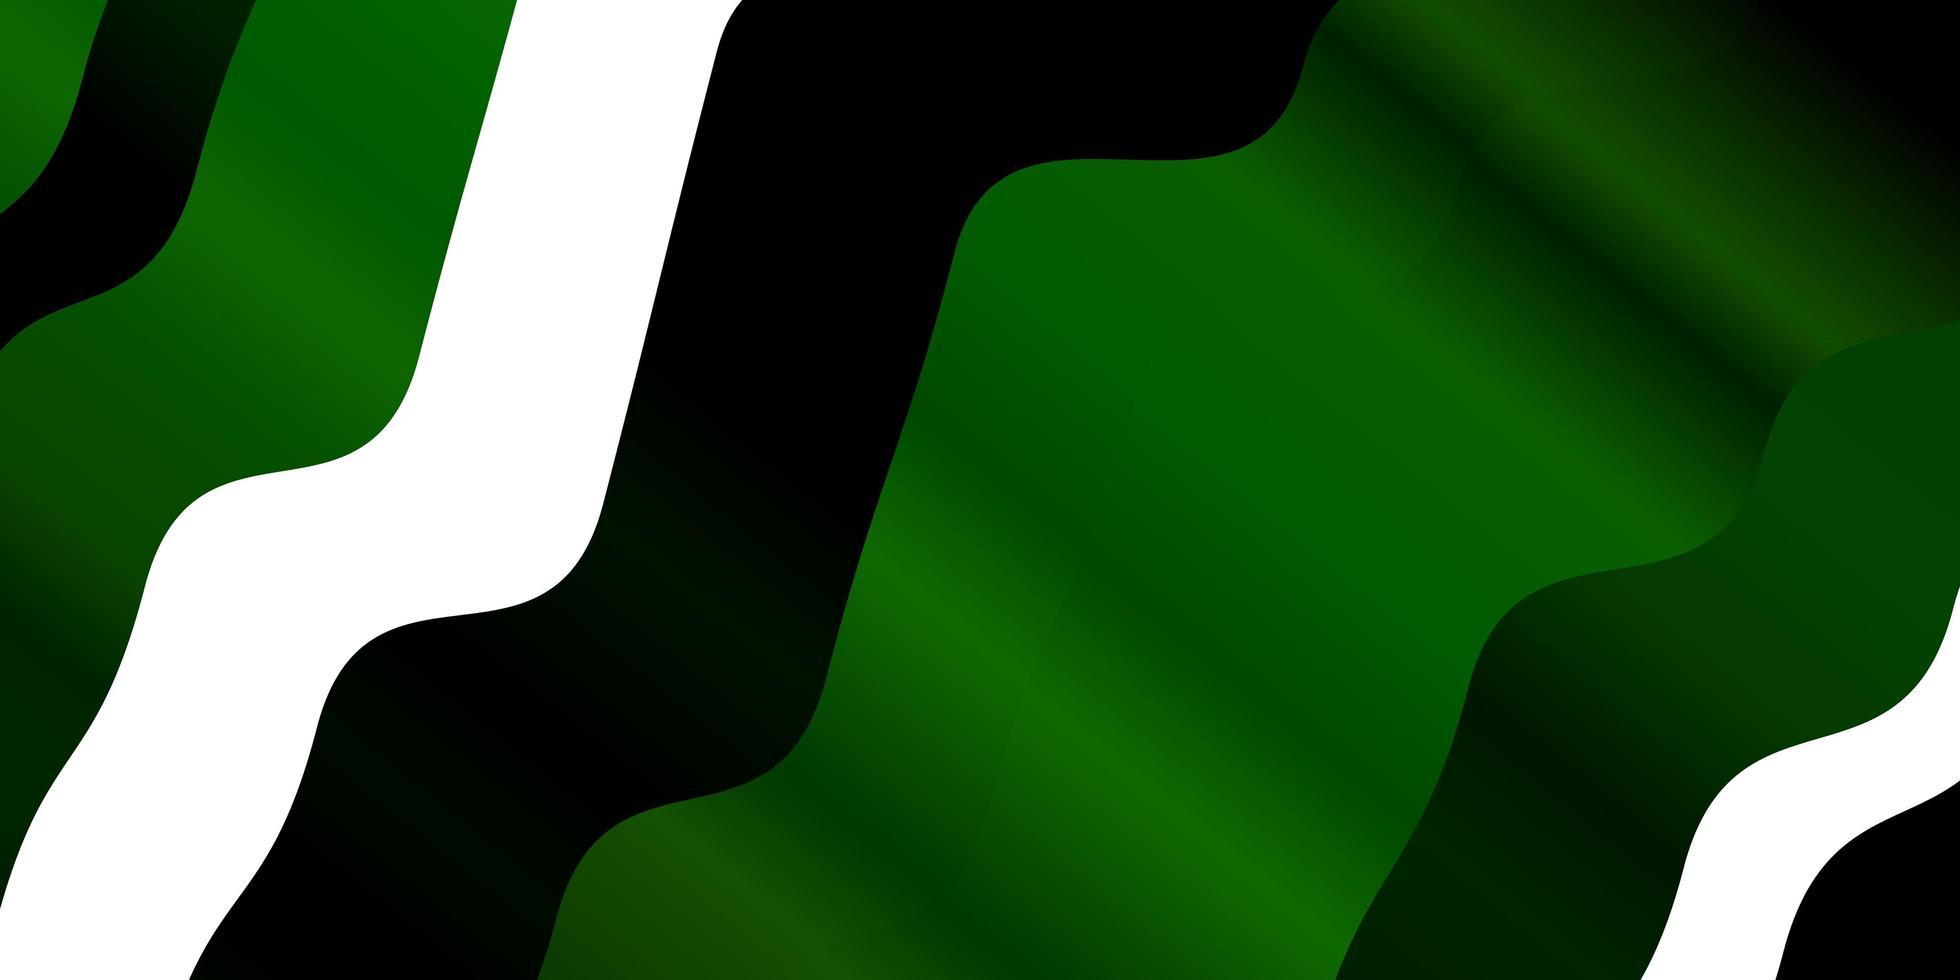 fond vert clair avec des lignes ironiques. vecteur